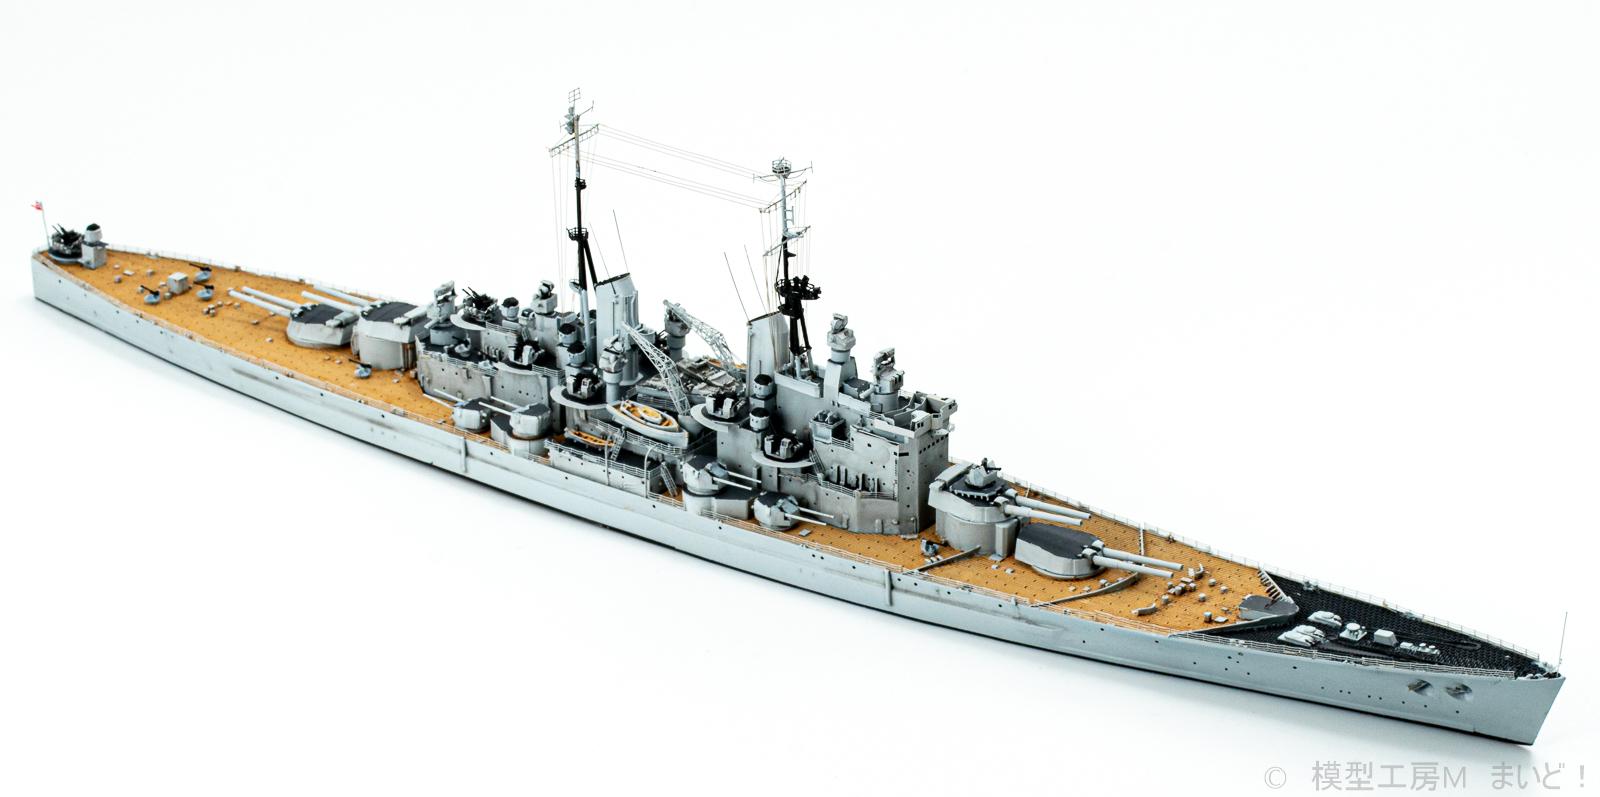 オストリッチホビー 1/700 イギリス海軍戦艦 ヴァンガード 完成品